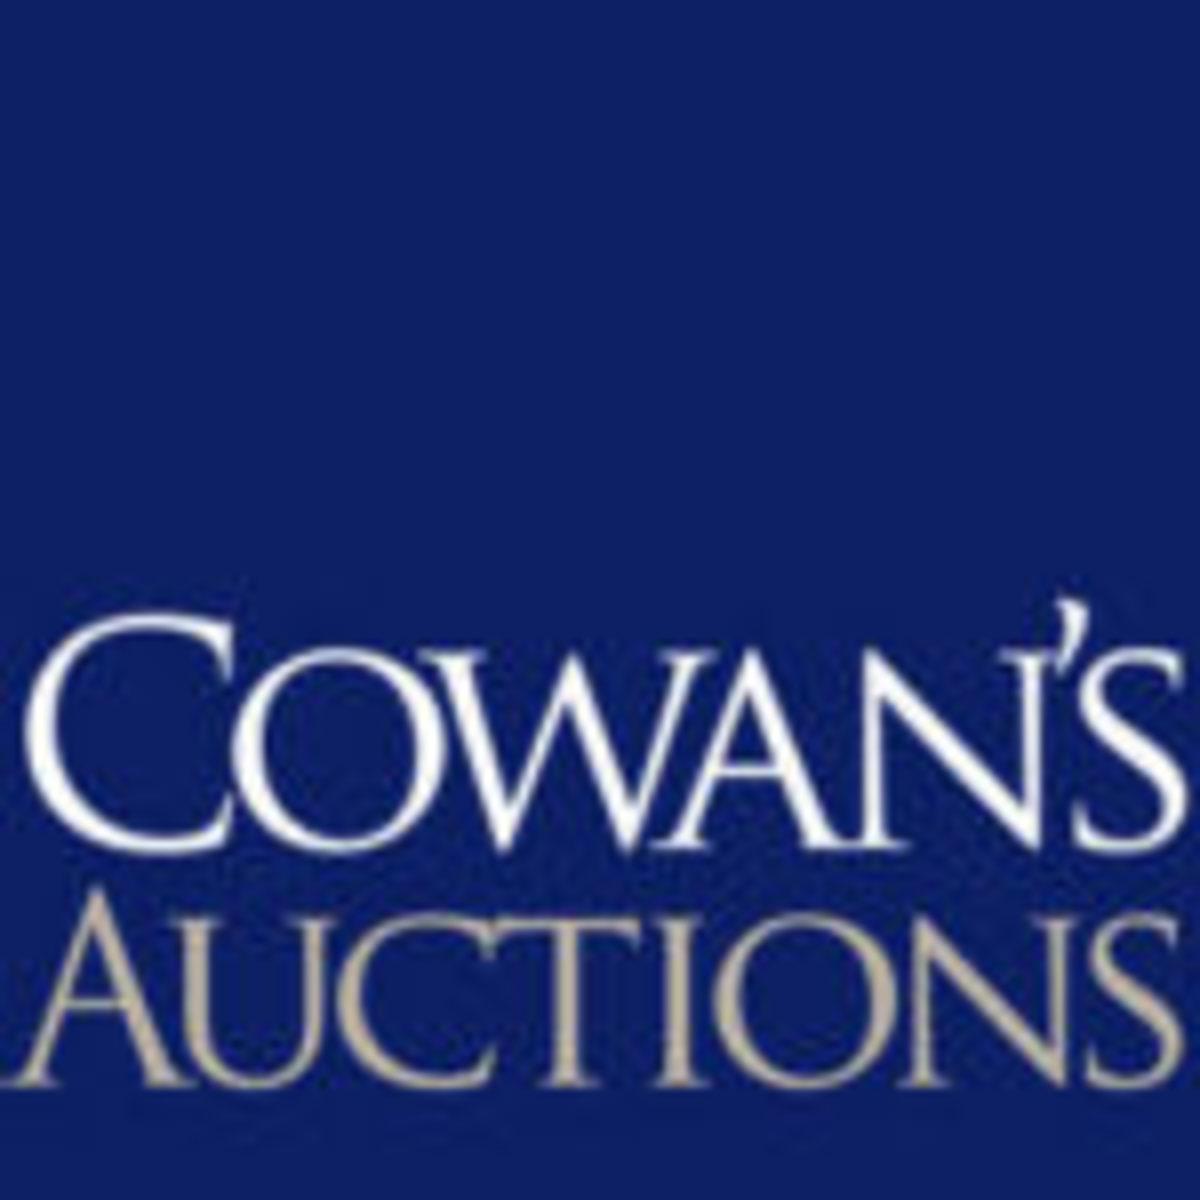 Cowan's Auctions, www.cowans.com